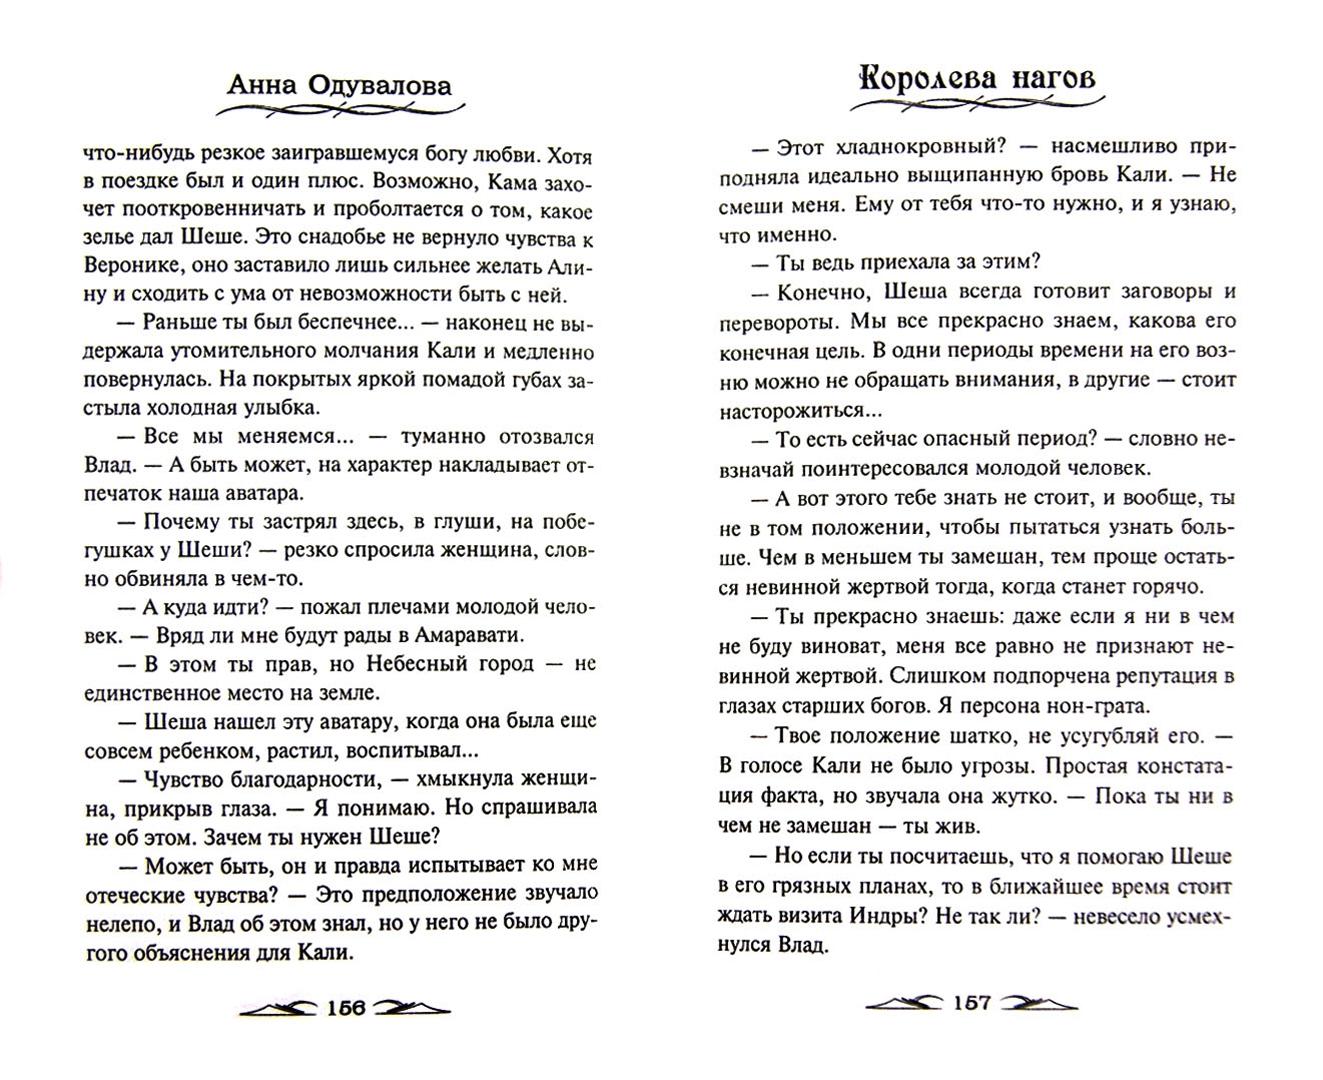 Иллюстрация 1 из 15 для Королева нагов - Анна Одувалова | Лабиринт - книги. Источник: Лабиринт